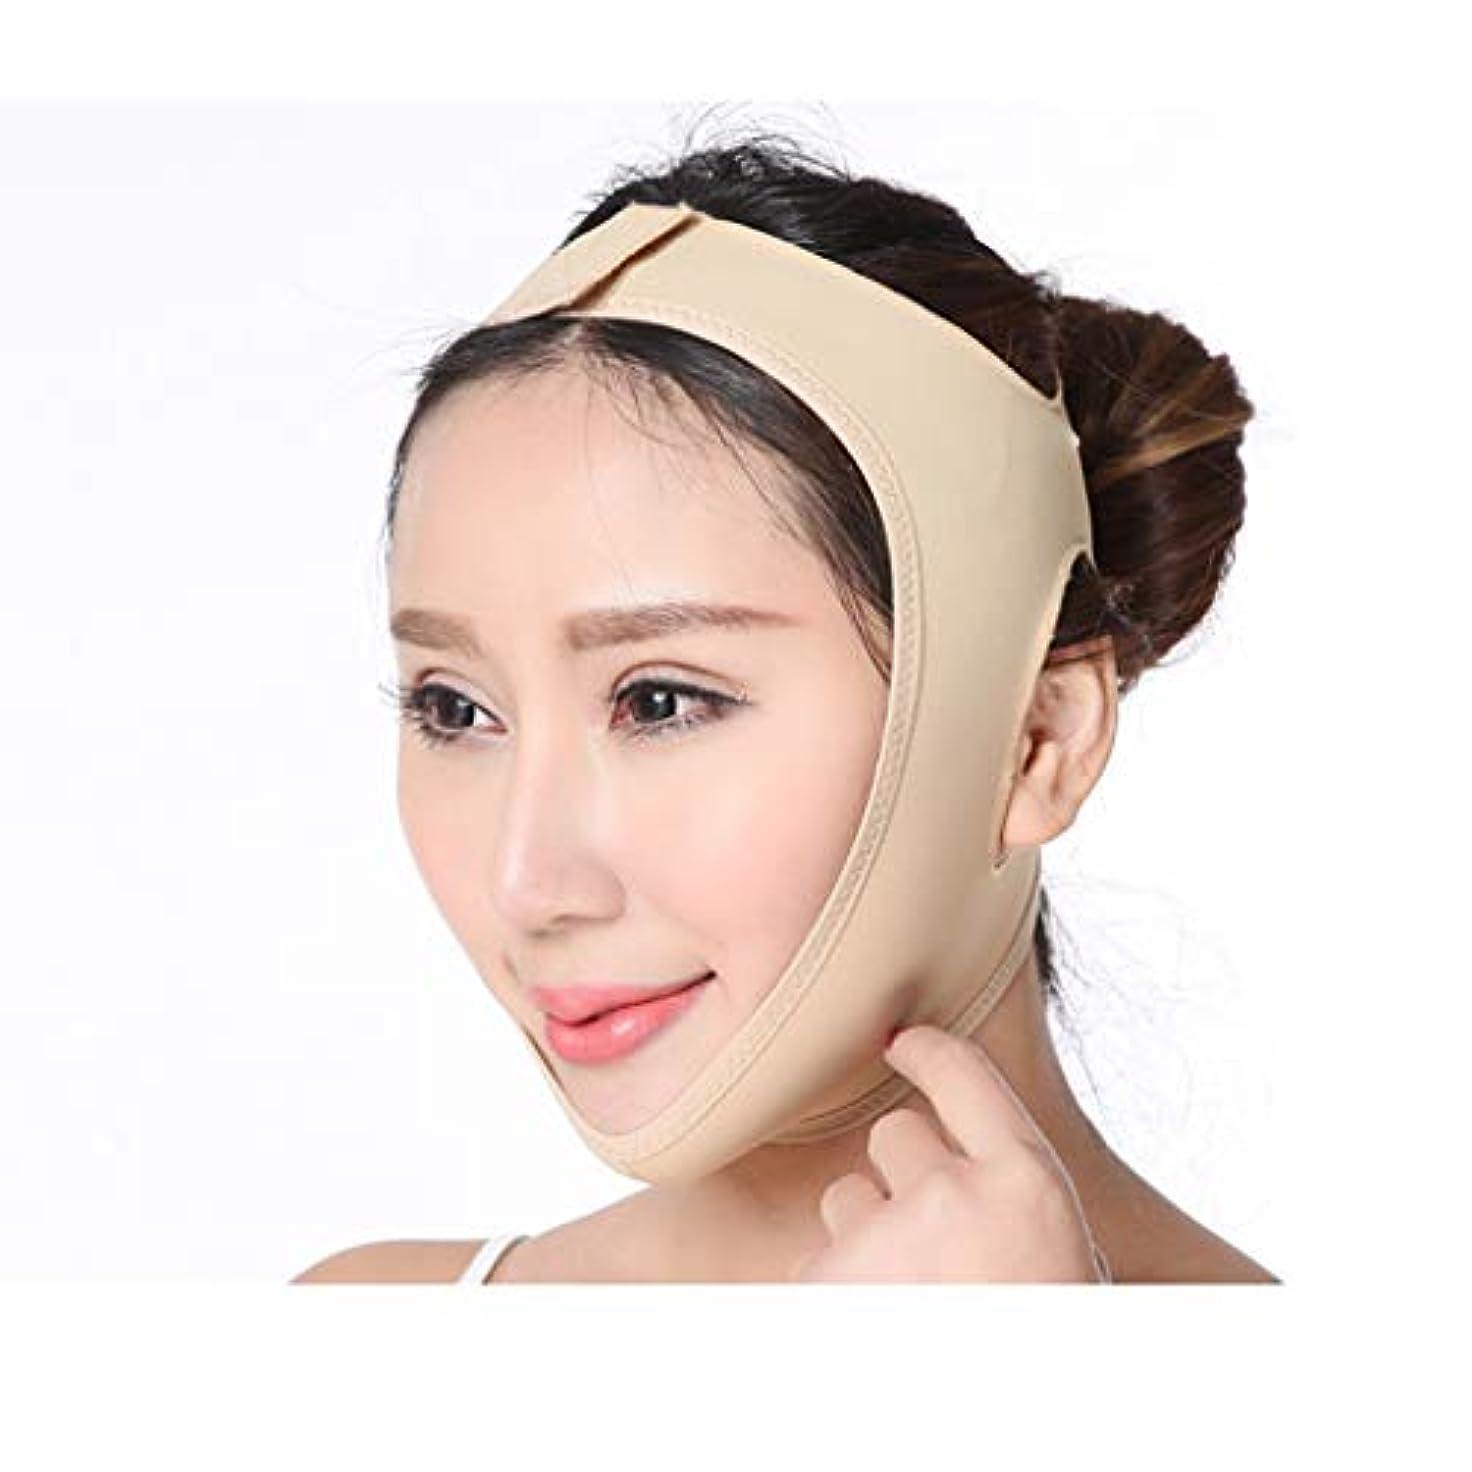 体操選手ベジタリアン化石顔リフティング包帯 V 顔楽器顔マスク顔リフティング引き締め